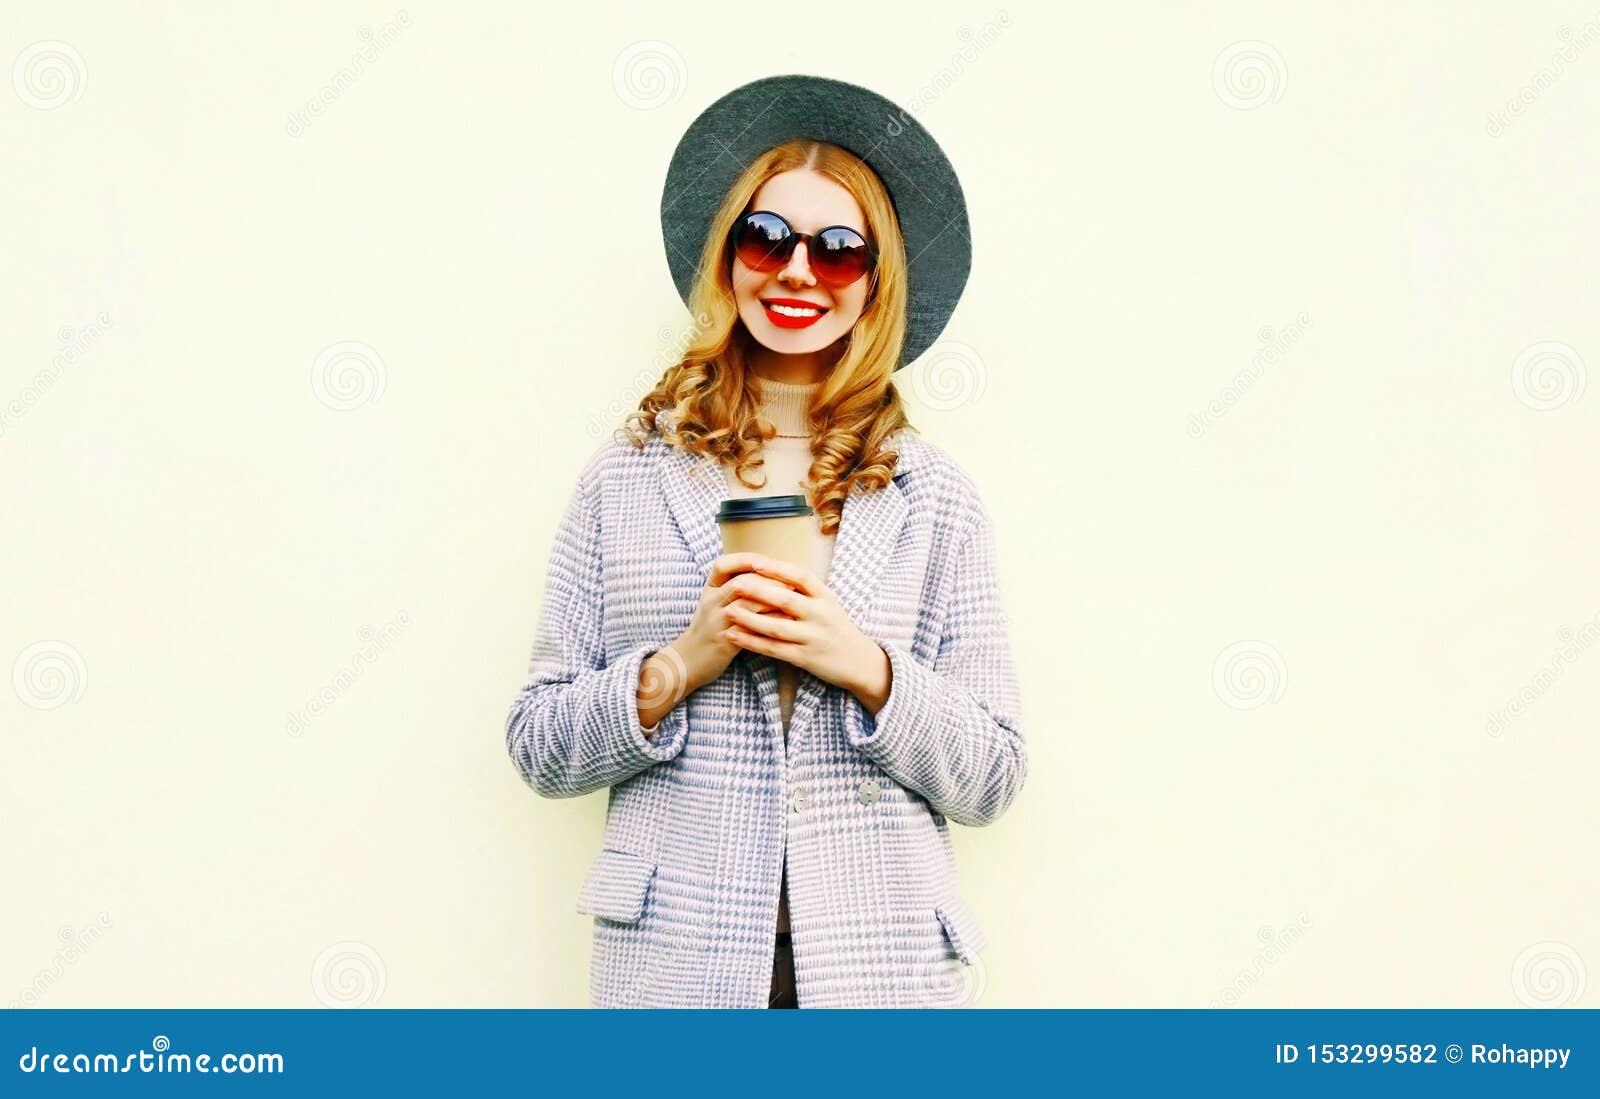 有咖啡杯的画象愉快的微笑的妇女在桃红色外套,在背景的圆的帽子